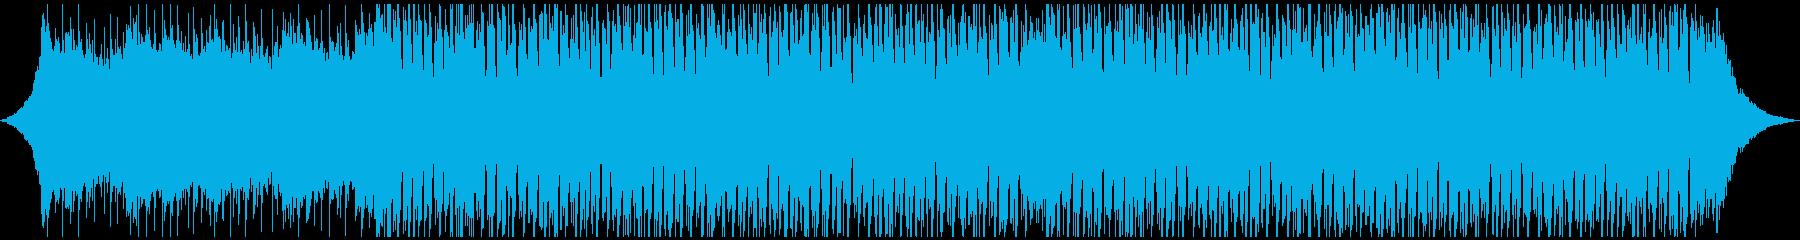 ポップ テクノ アンビエント 未来...の再生済みの波形